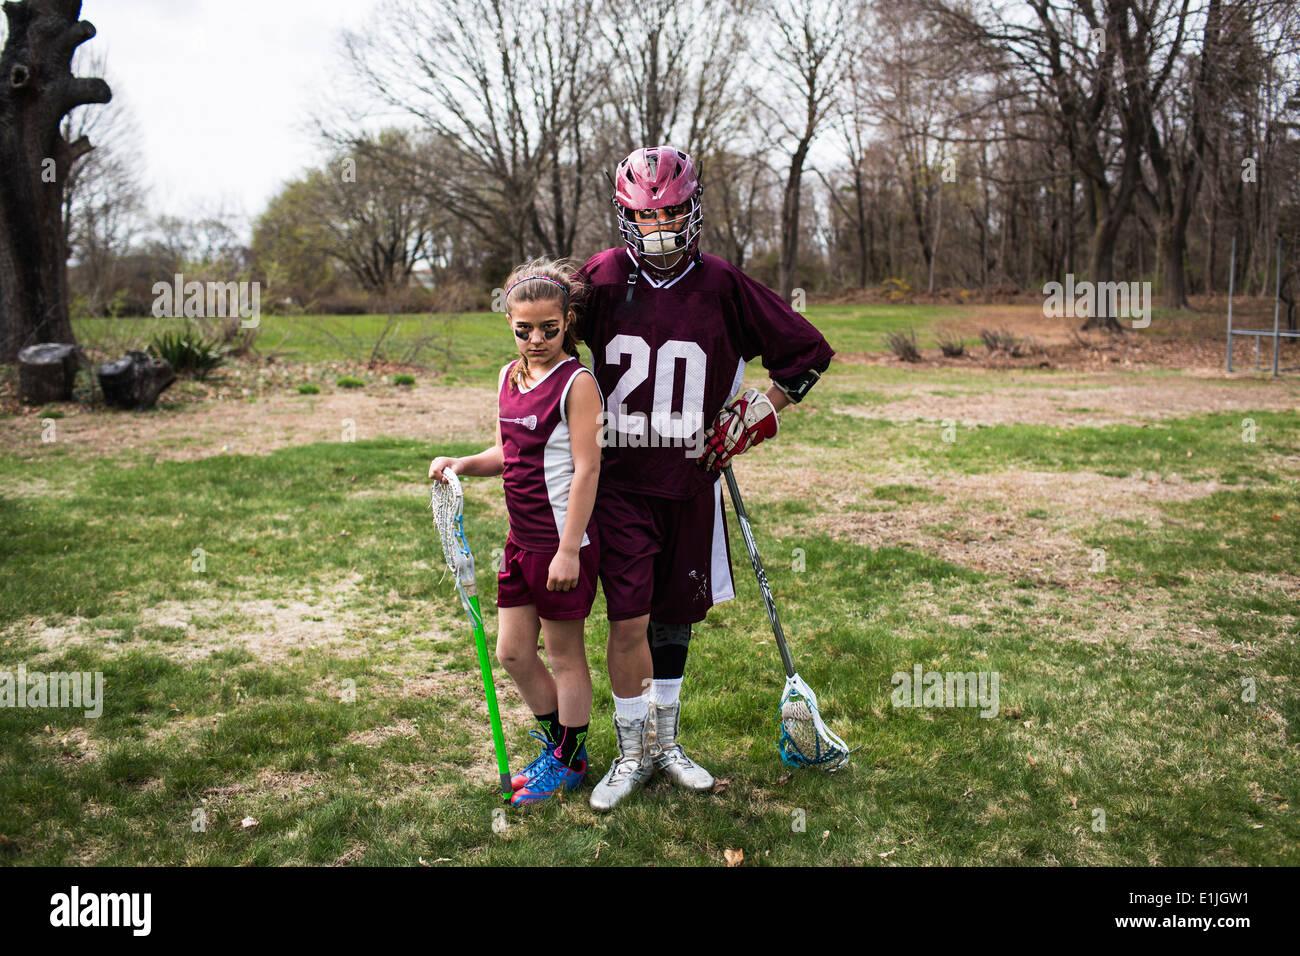 Hermano y hermana, vistiendo uniformes lacrosse Imagen De Stock